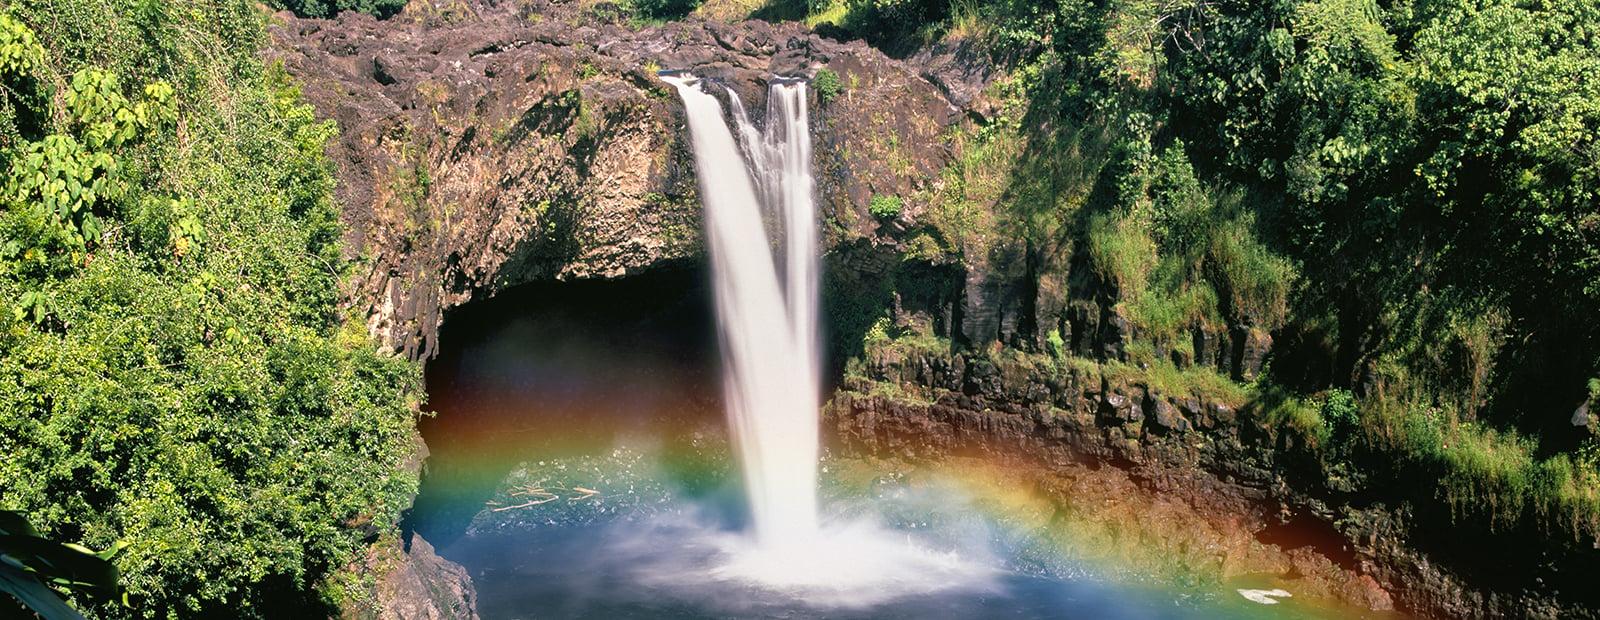 Hilo-Hawaii-Big-Island-Waterfall